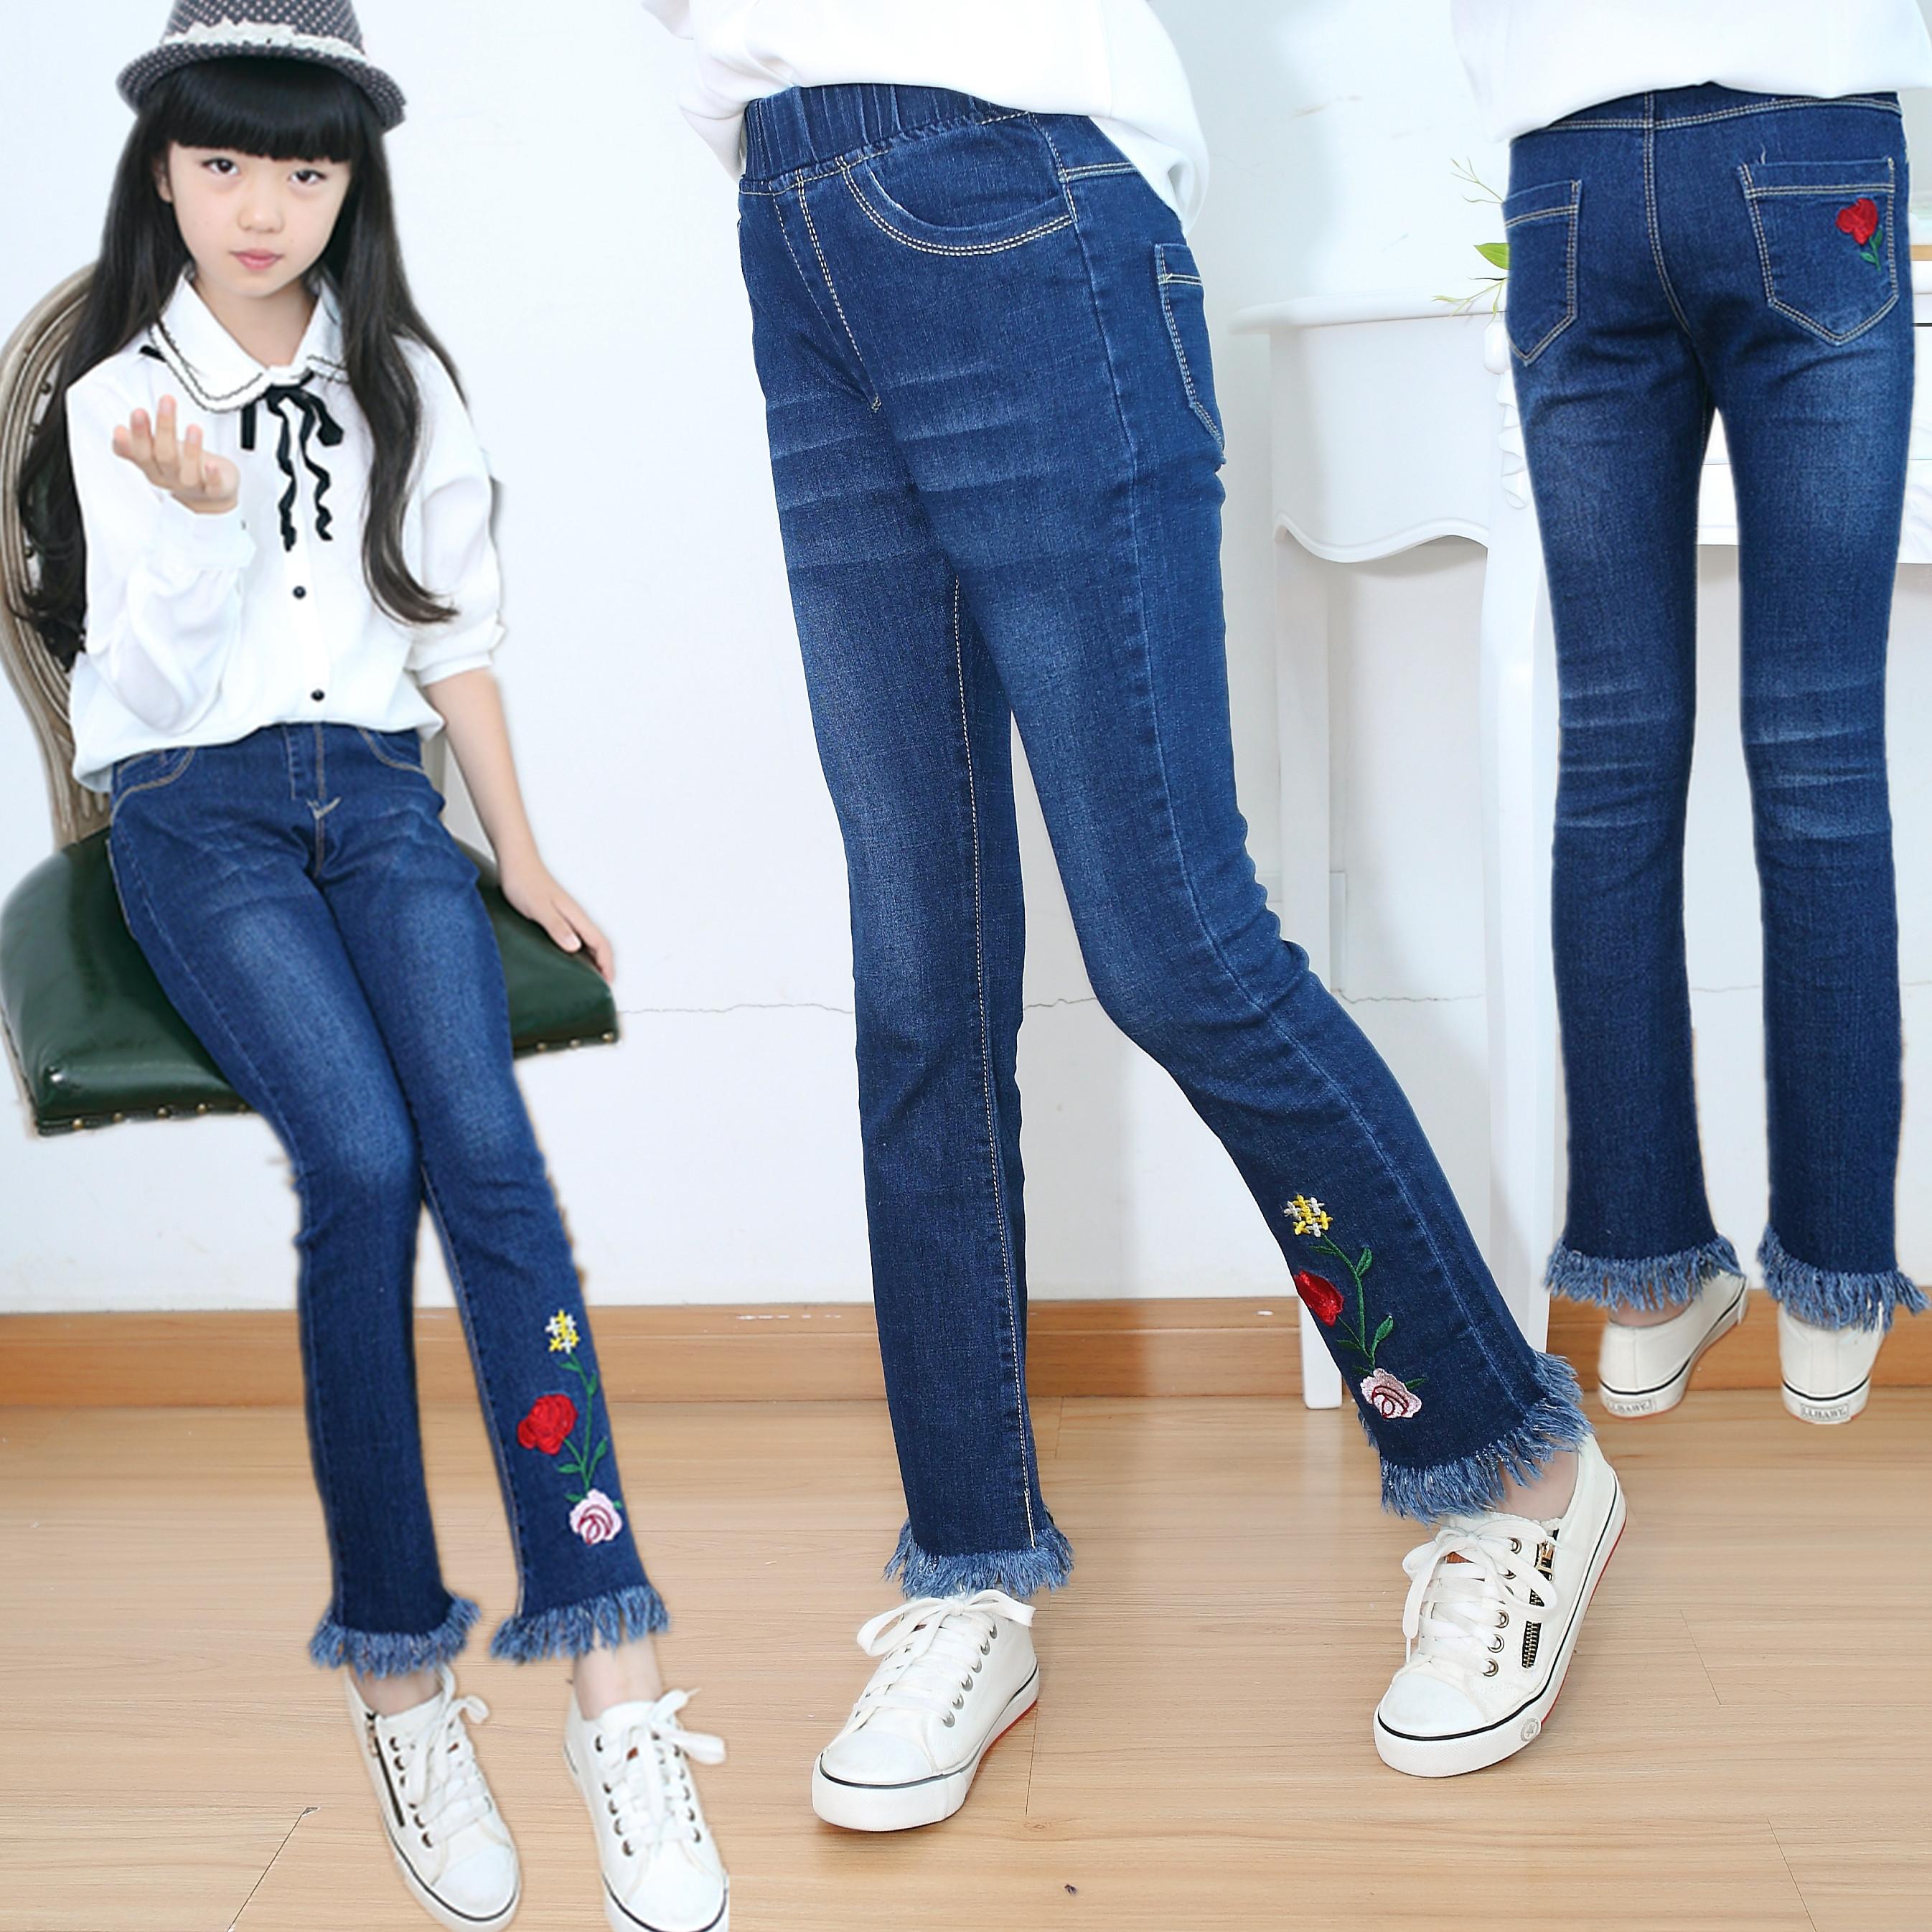 2018 quần áo trẻ em mùa xuân và mùa hè cô gái mới jeans tua micro chuông quần quần trẻ em trong lớn của trẻ em quần bút chì